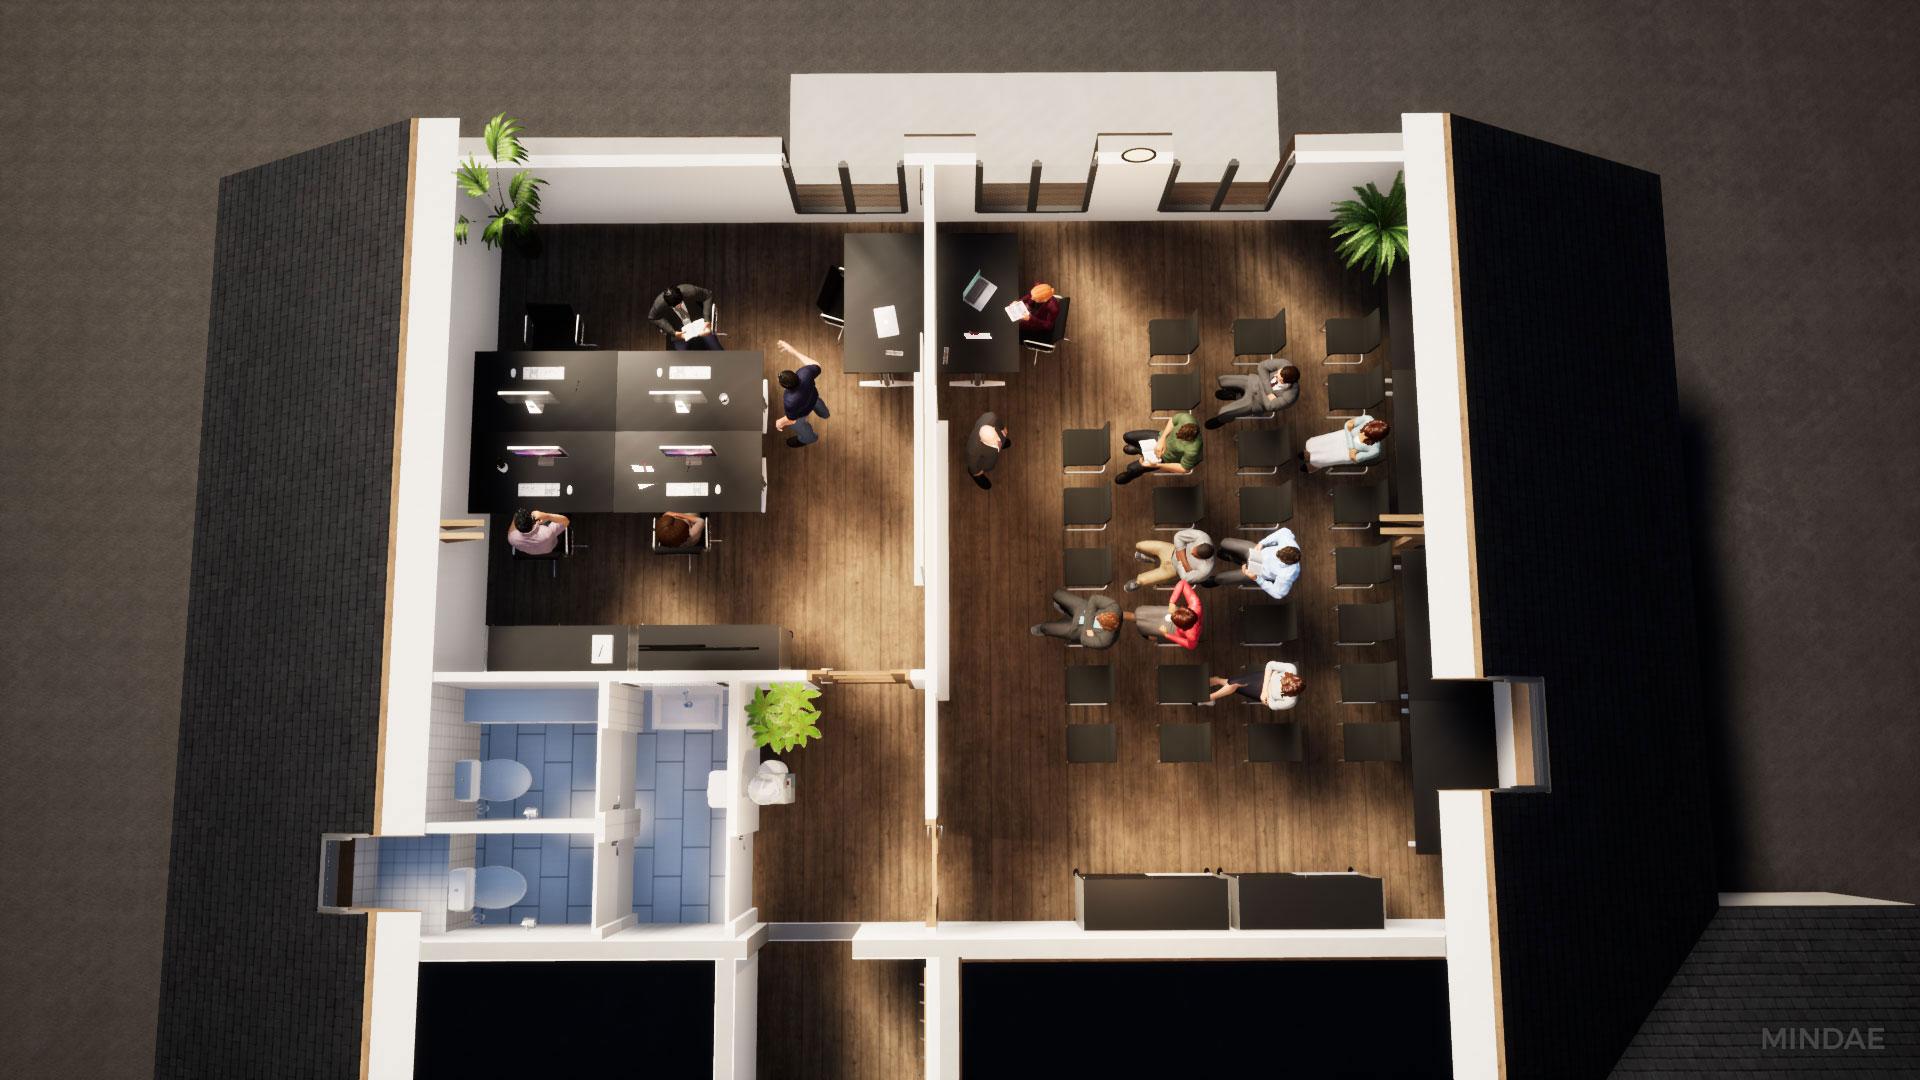 Mindae_golf_caen_3D_espace_bureaux_professionnel_conference-(1)